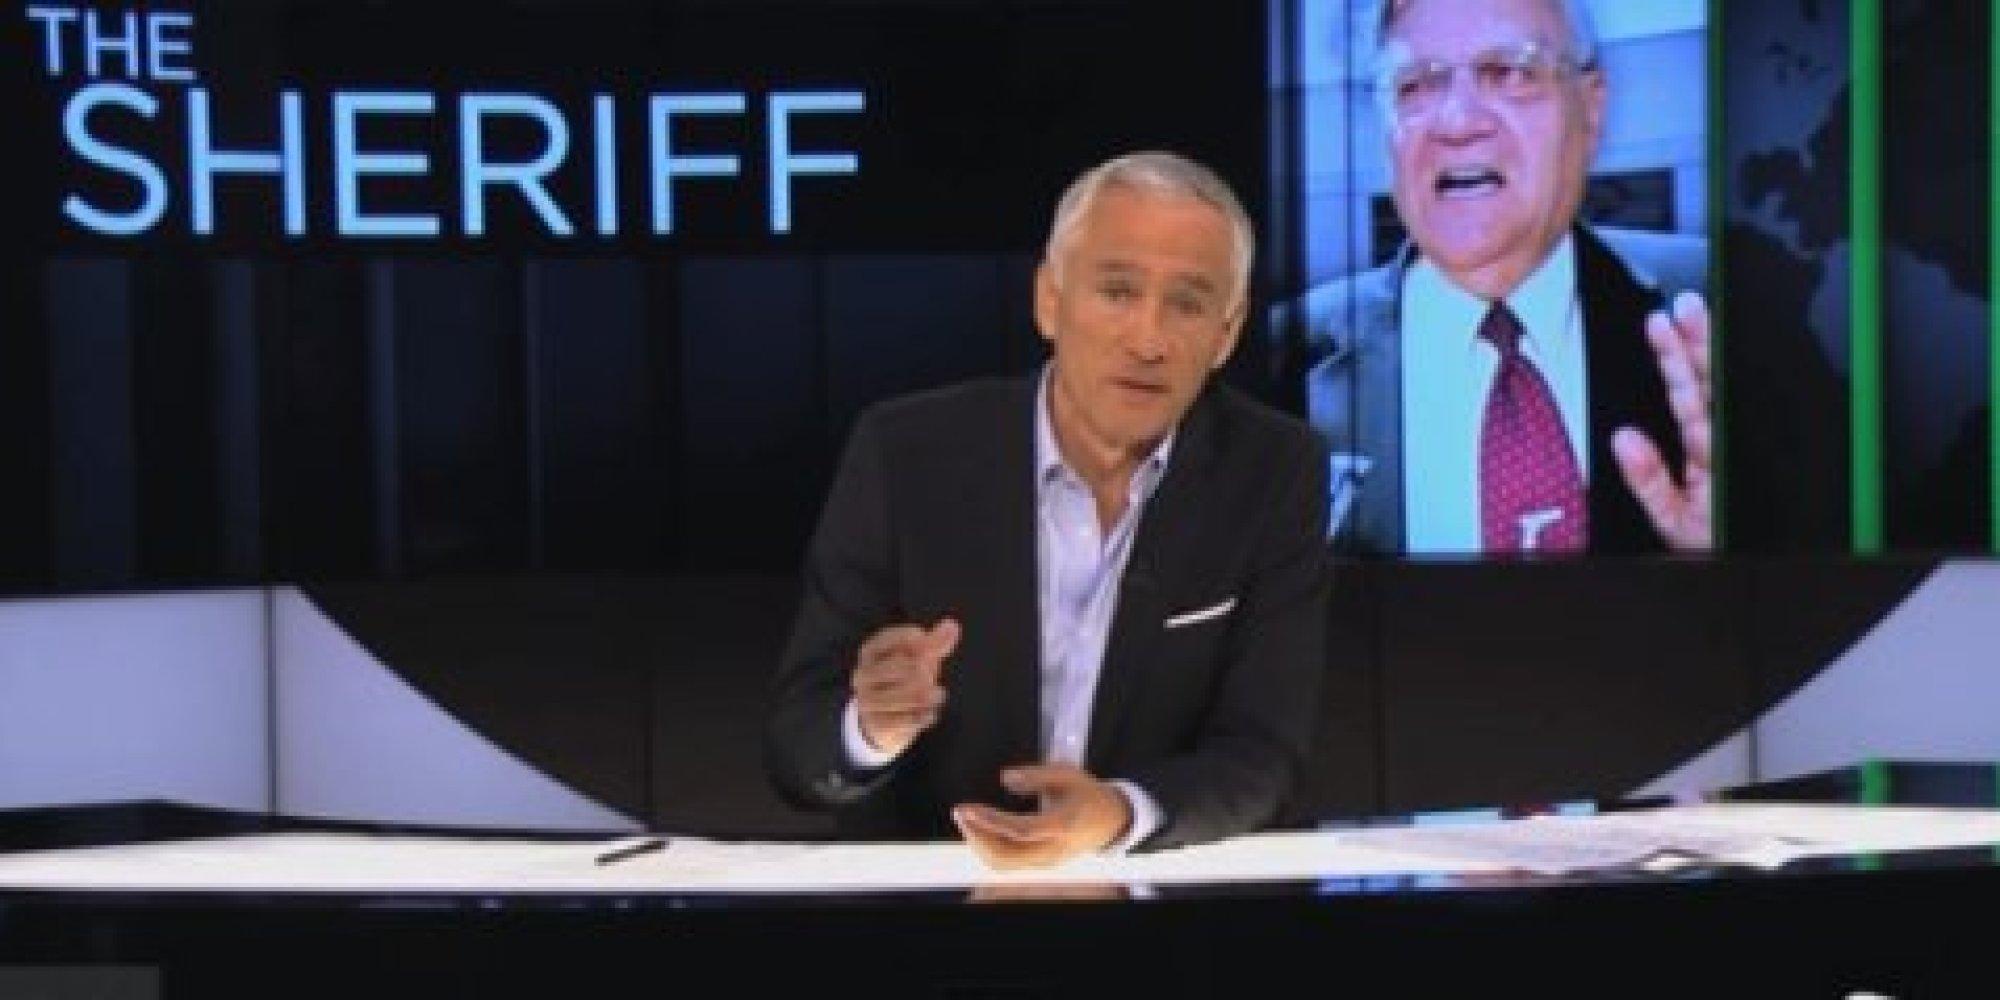 Jorge Ramos y Joe Arpaio en confrontación durante show de televisión ...